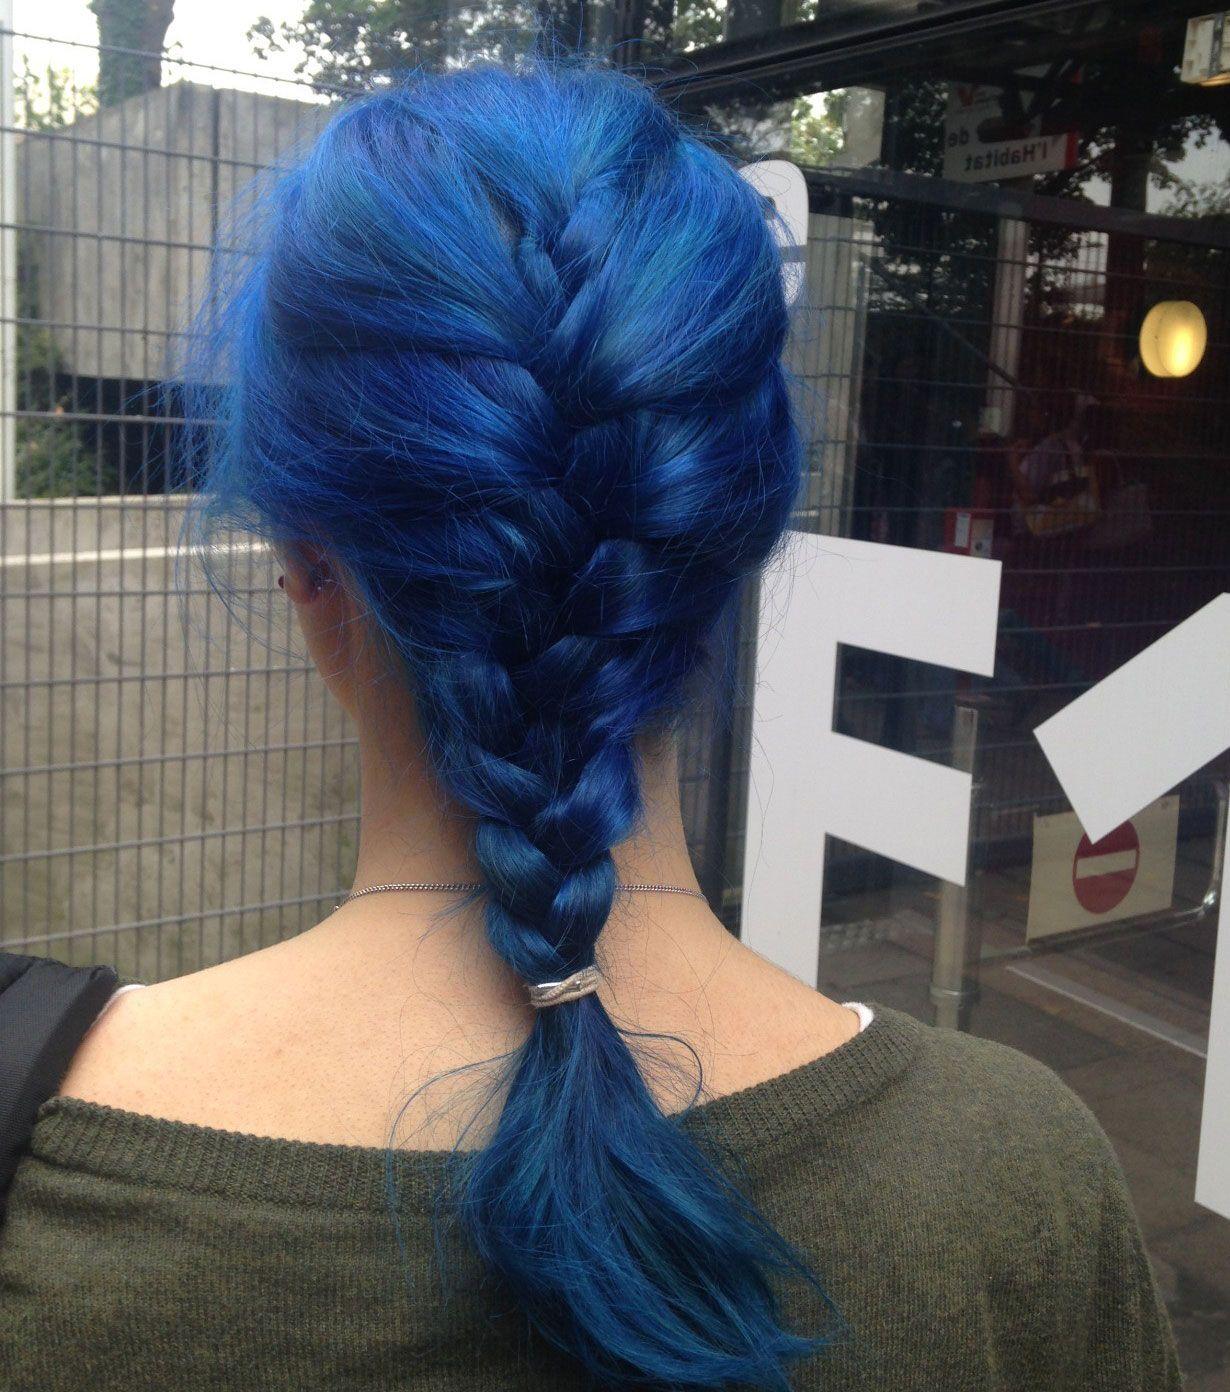 Blue Hair Dyes By Brand Hair Colors Ideas Dyed Hair Blue Blue Hair Hair